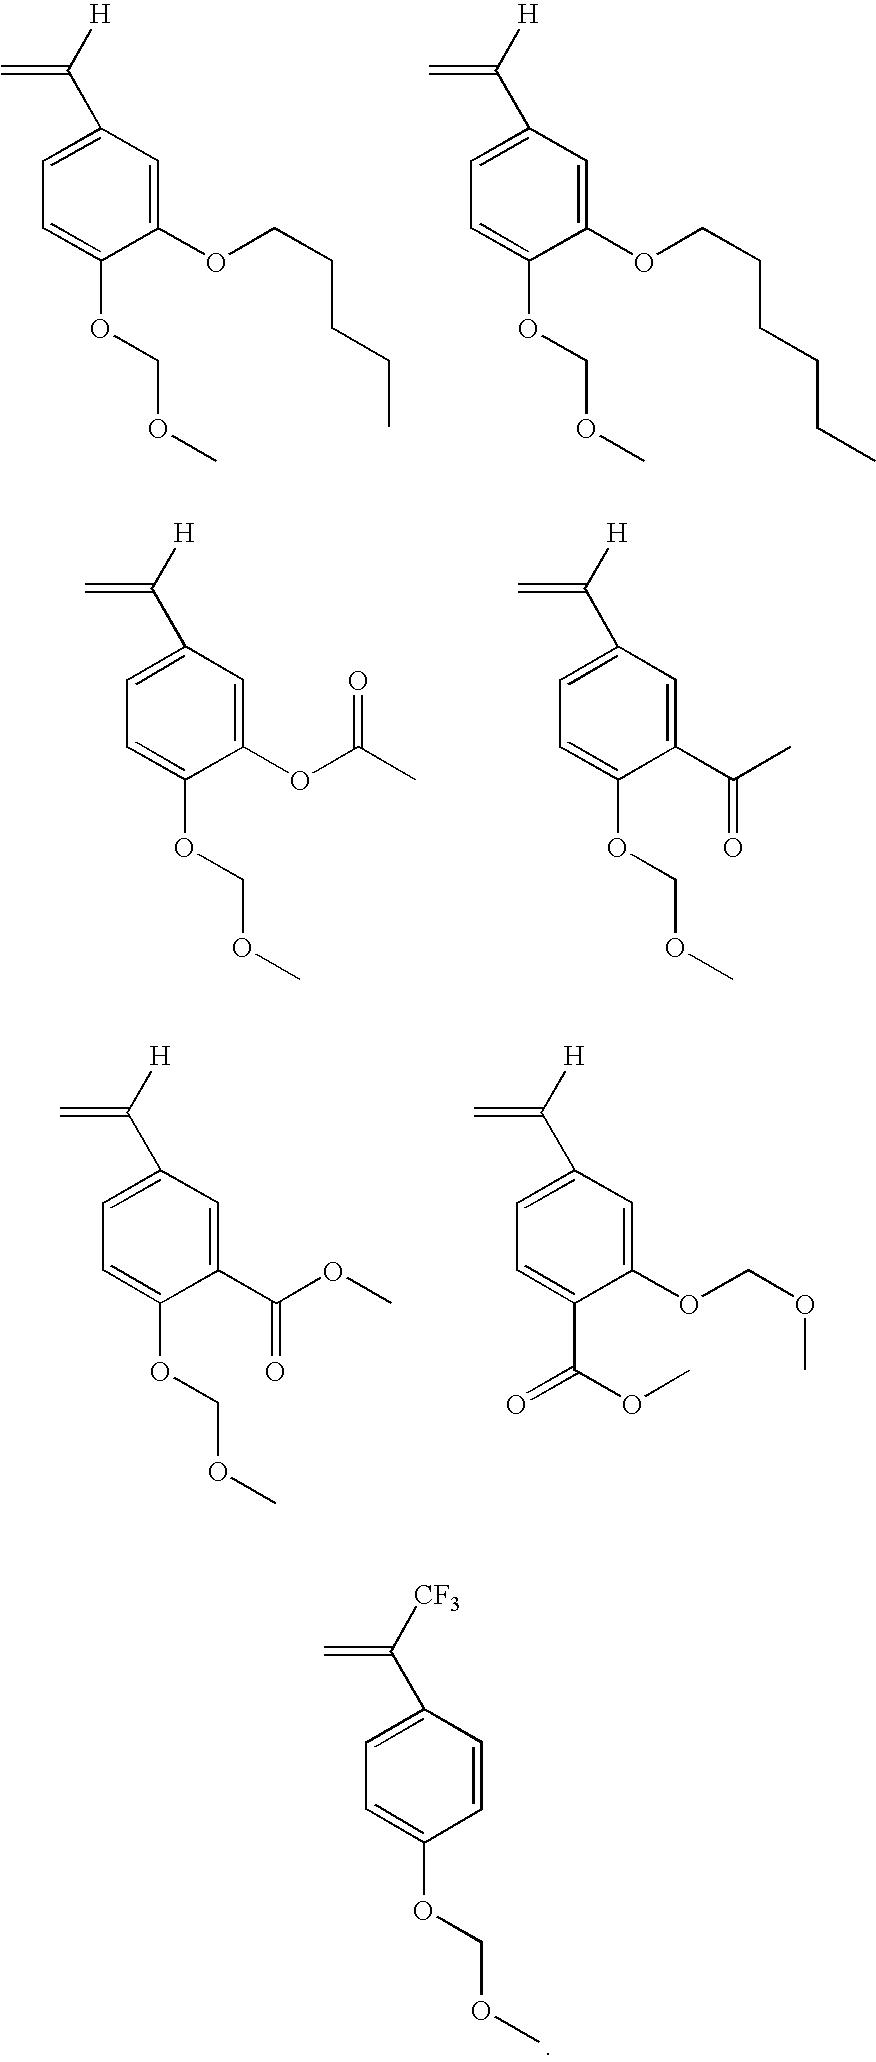 Figure US20100323296A1-20101223-C00053